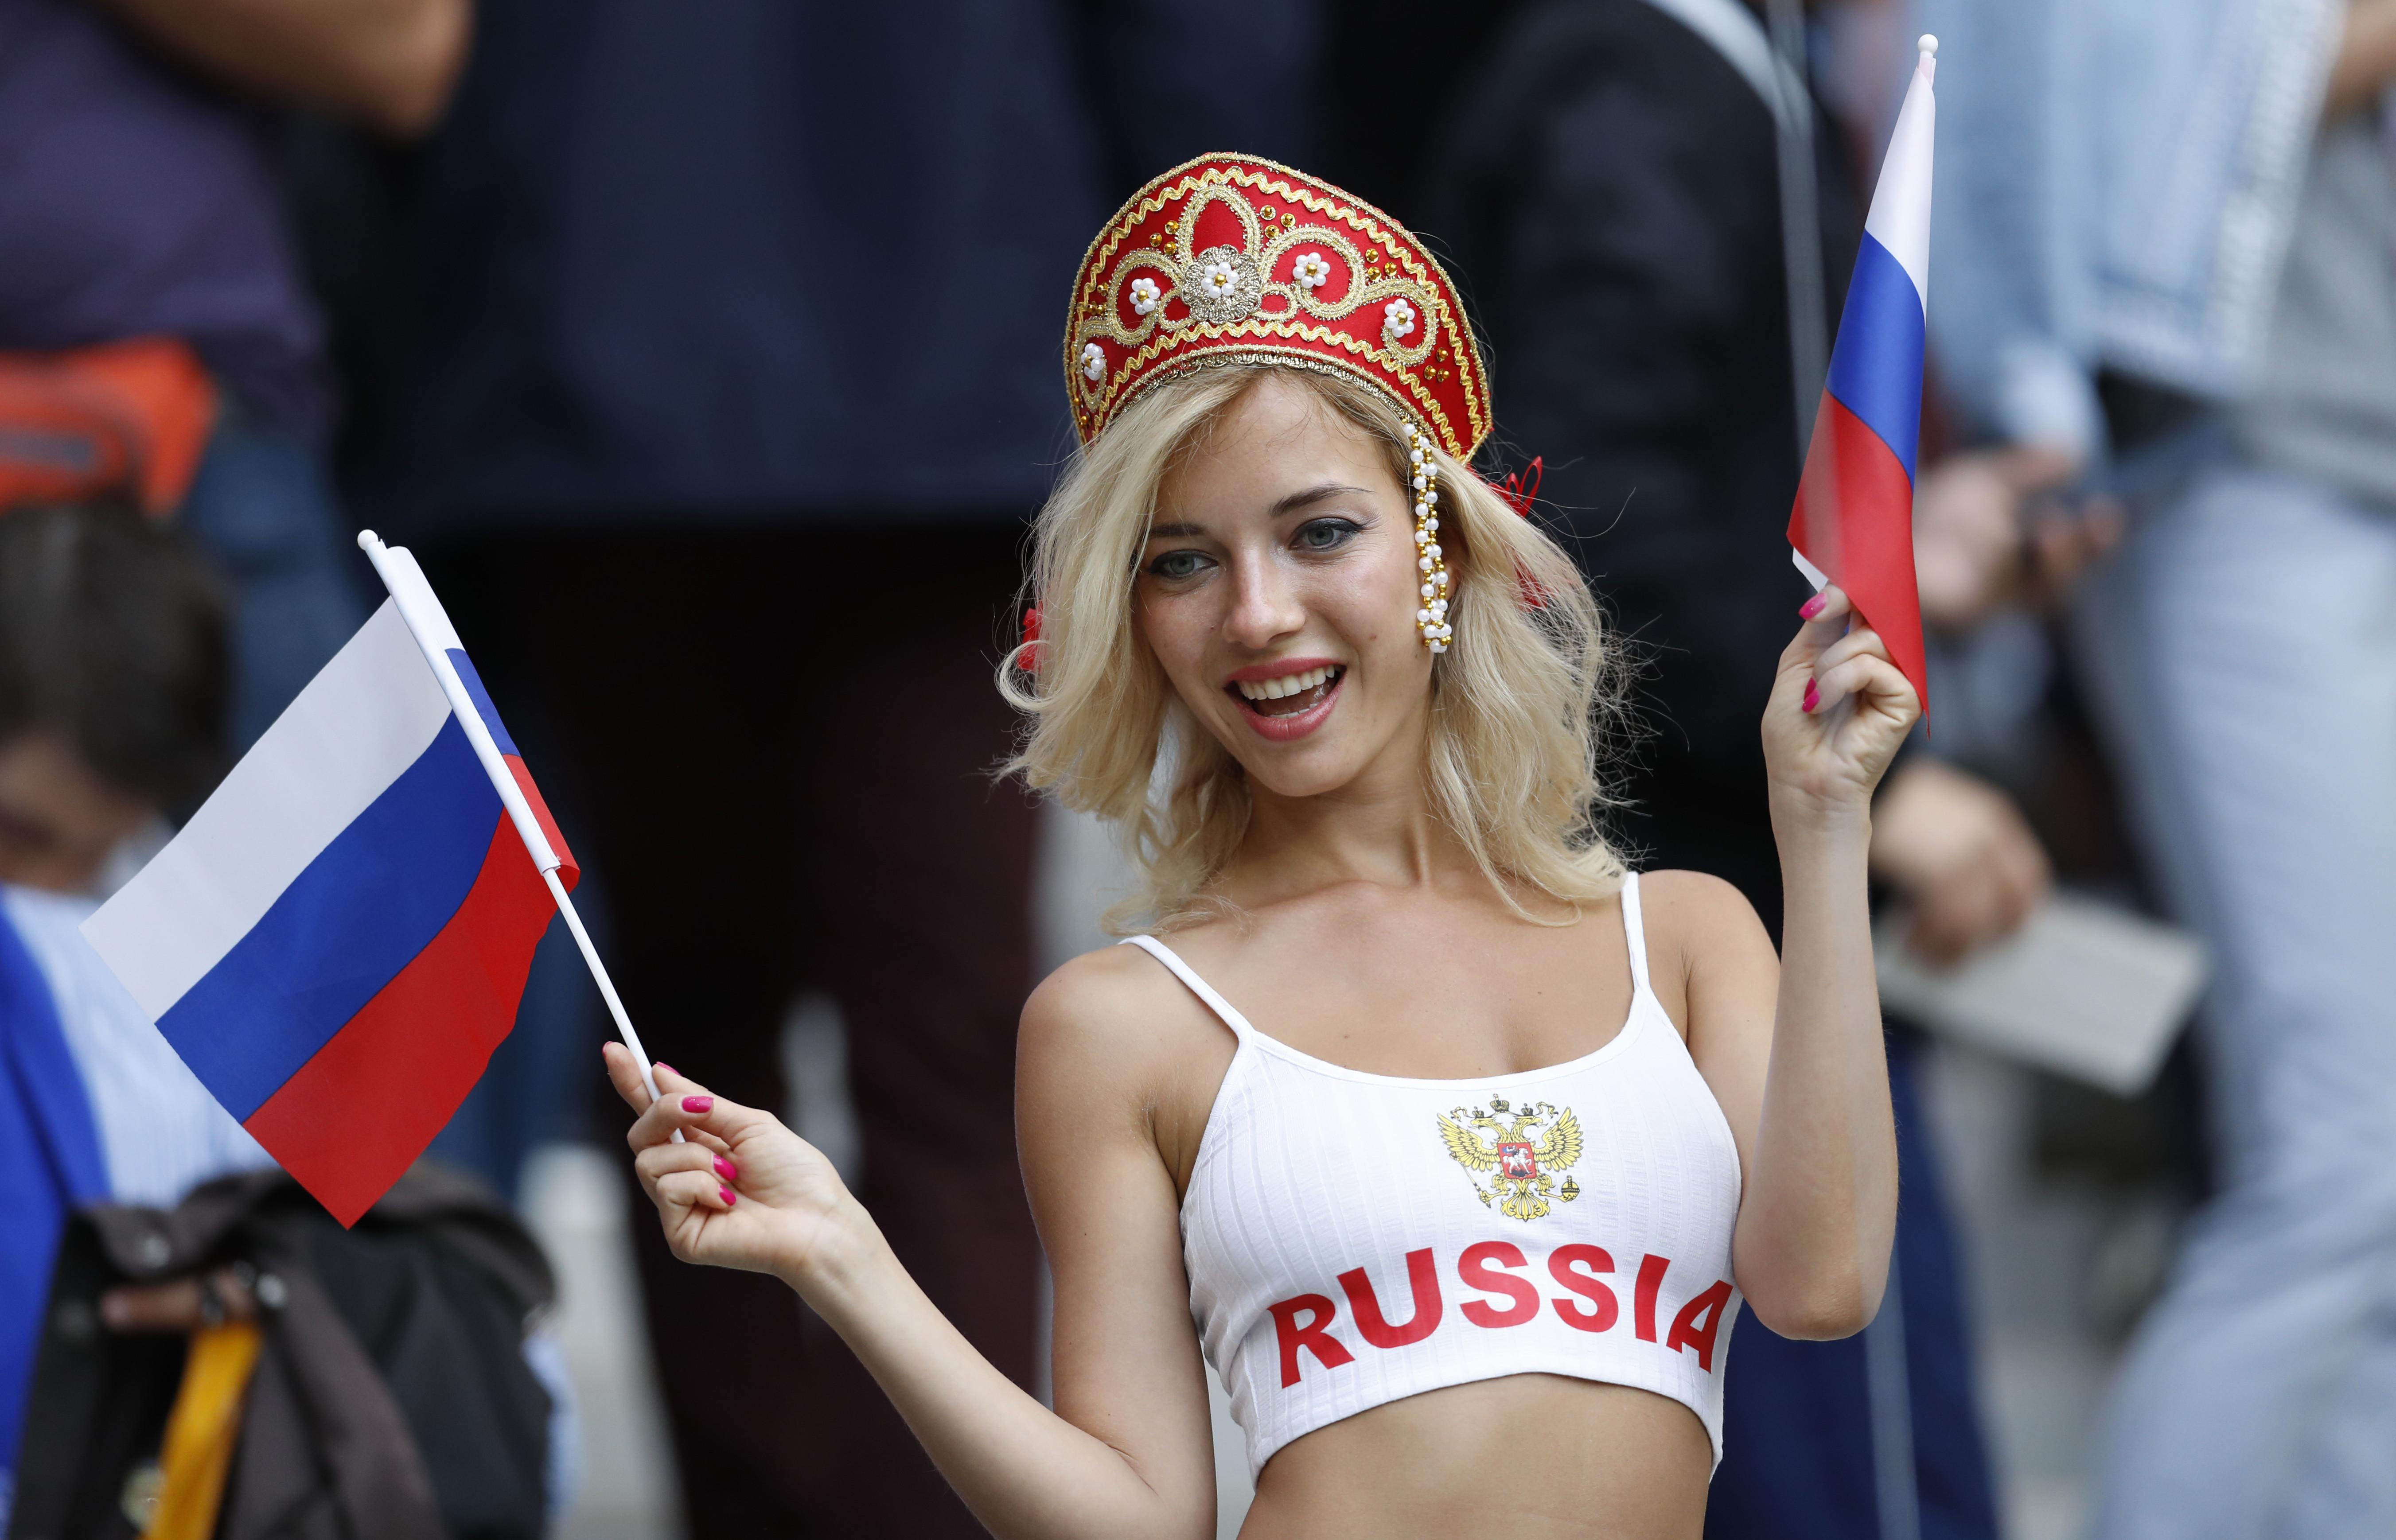 Самая популярная российская порнозвезда